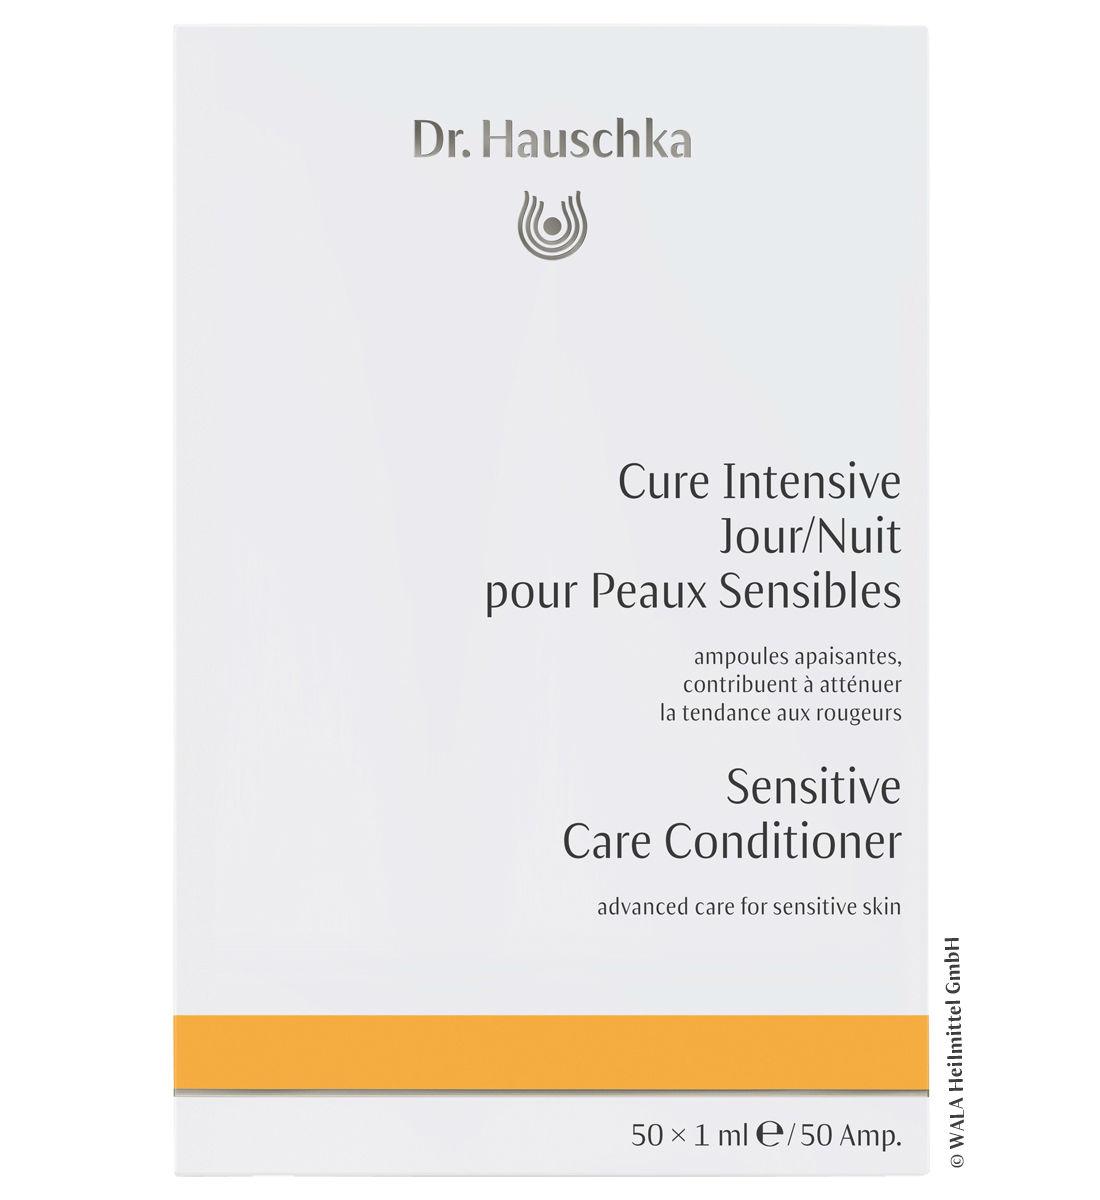 Cure Intensive Jour/Nuit pour Peaux Sensibles